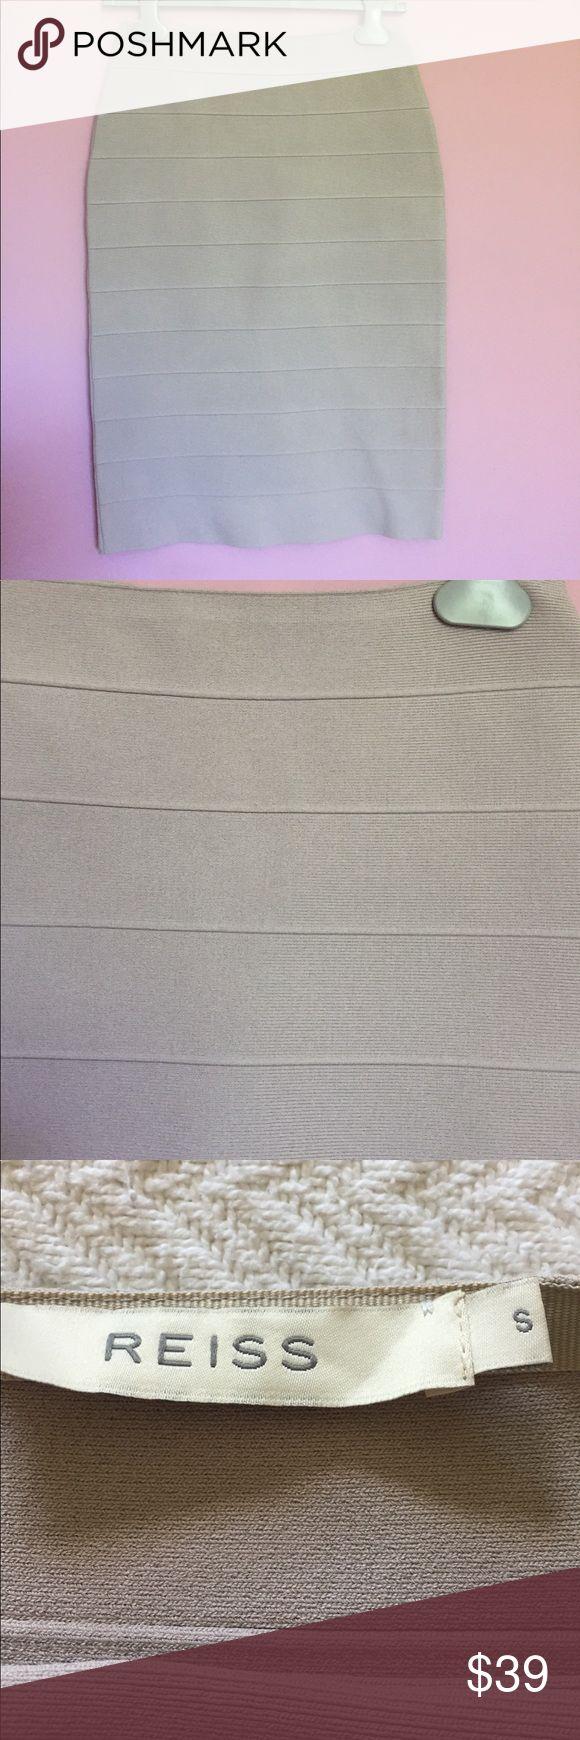 Reiss bandage skirt Great skirt from Reiss in neutral beige Reiss Skirts